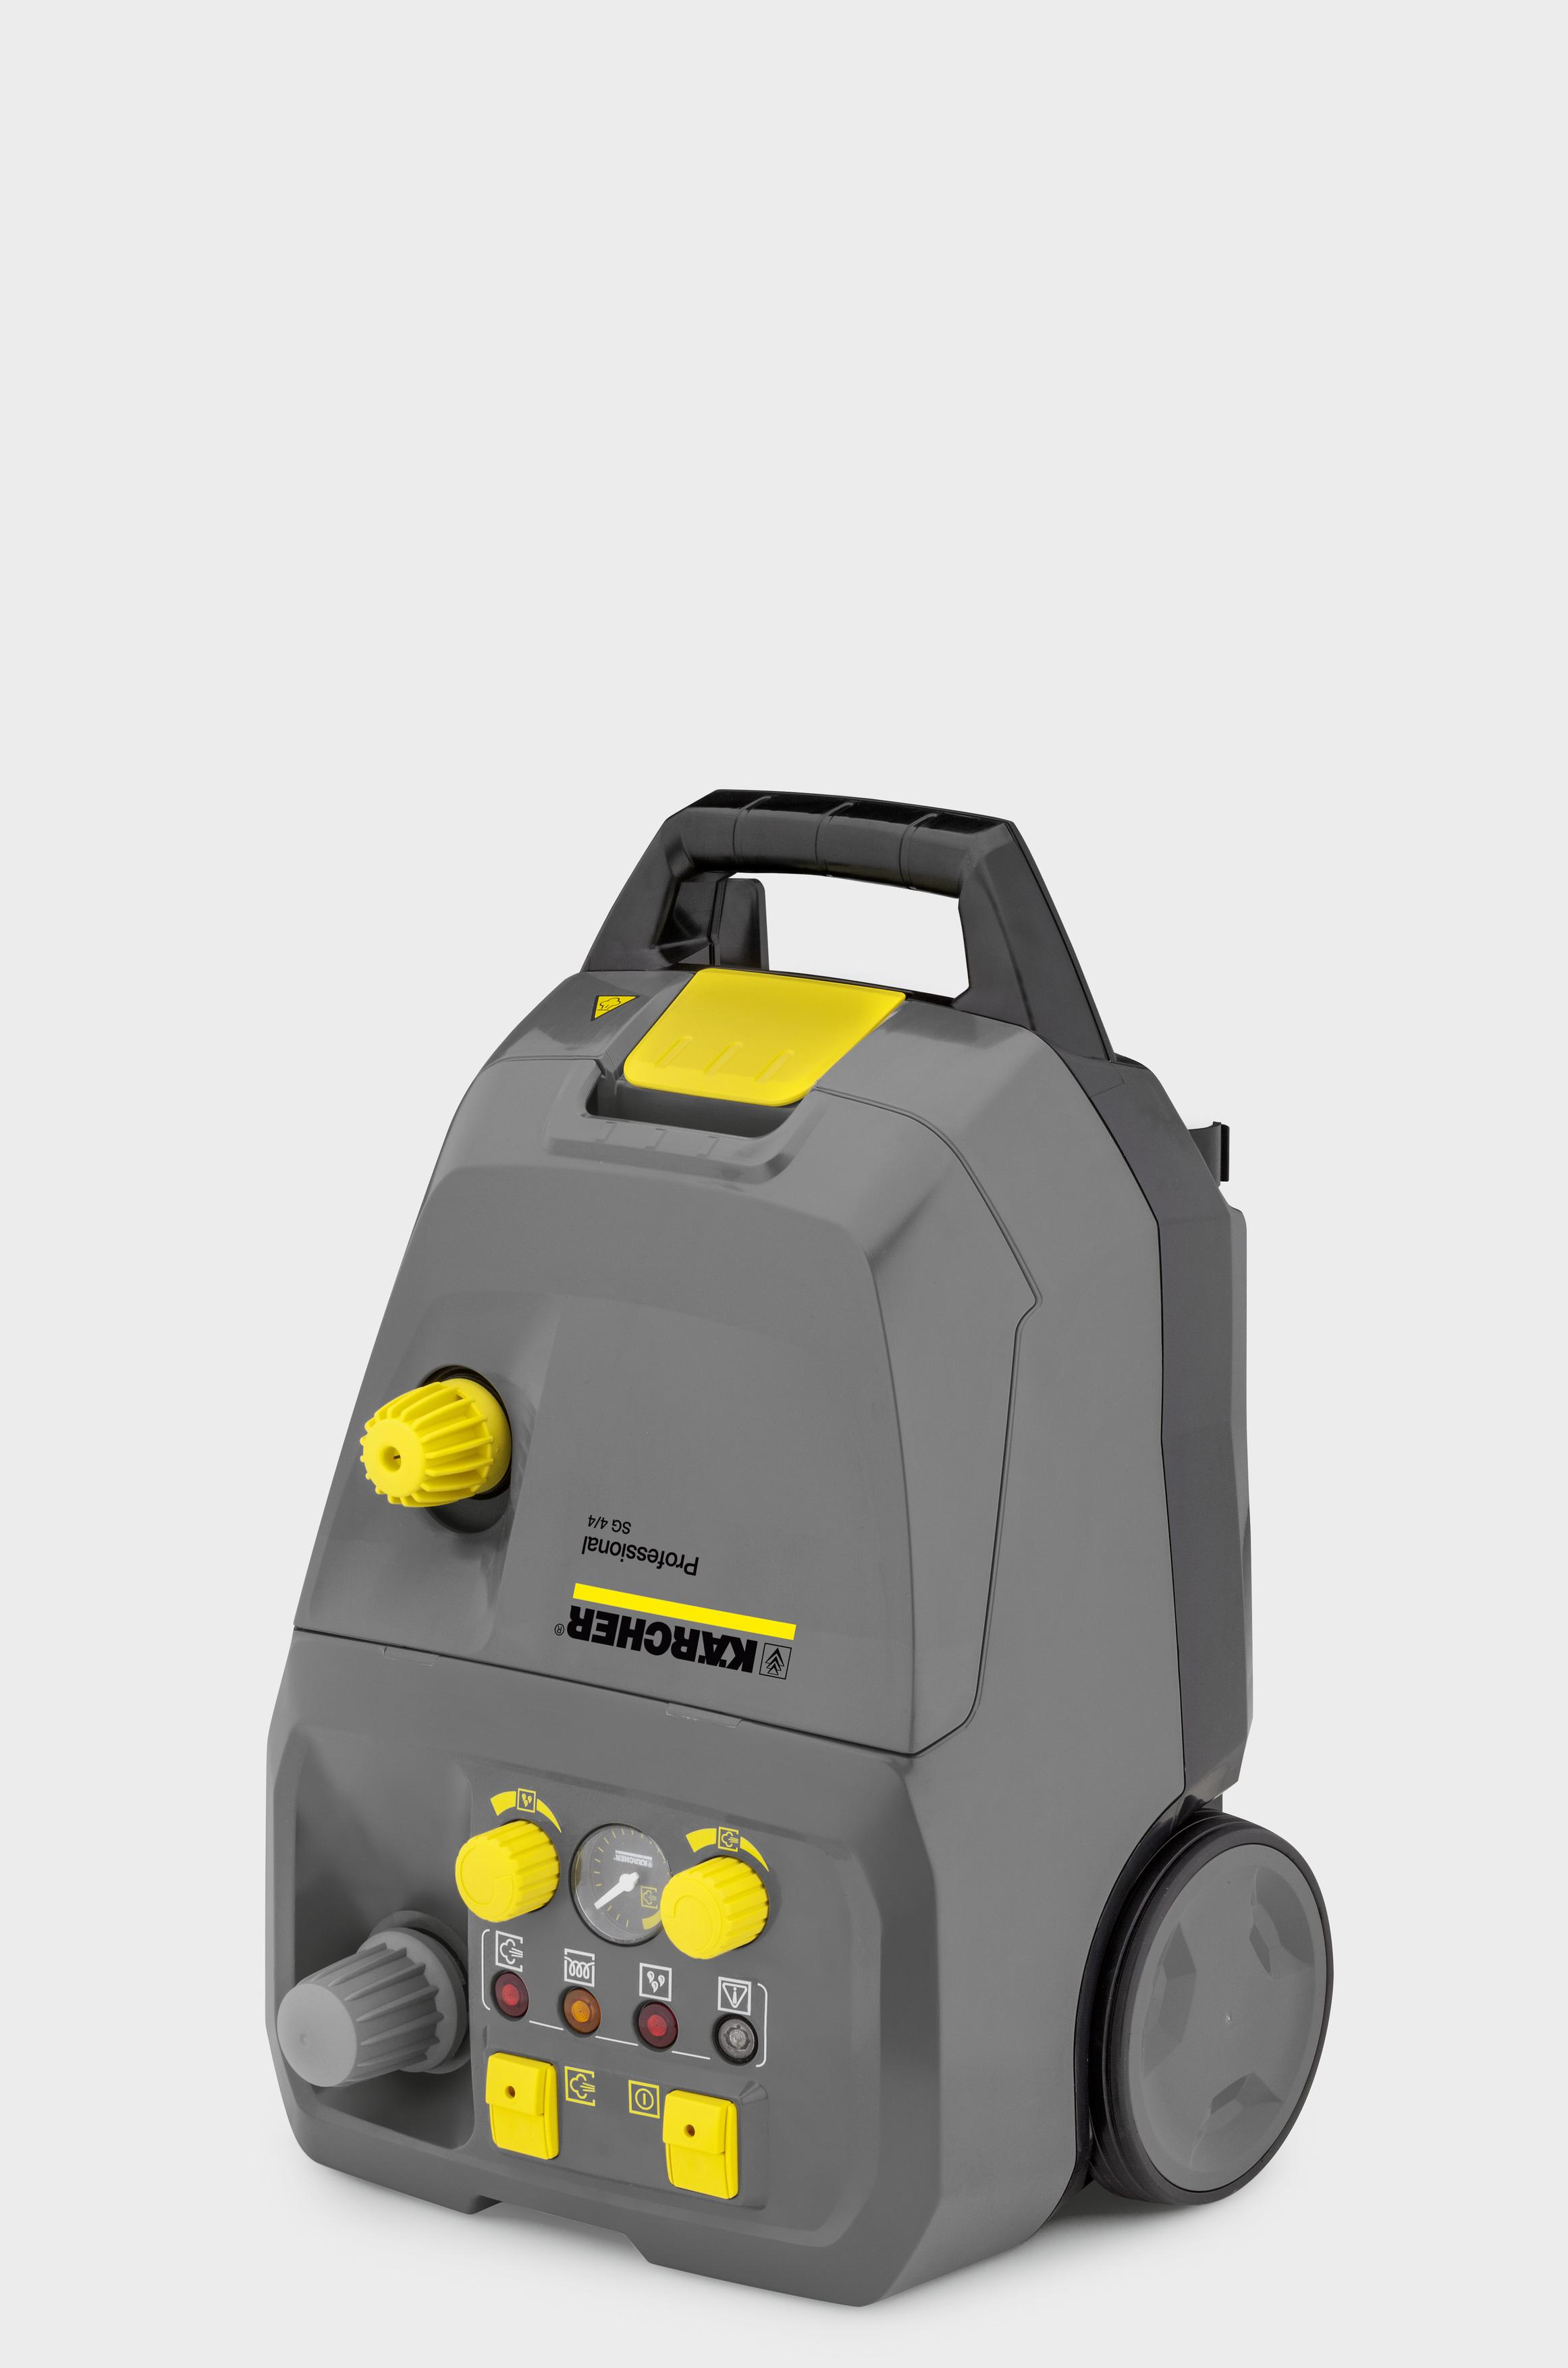 karcher sc1020 steam cleaner user manual